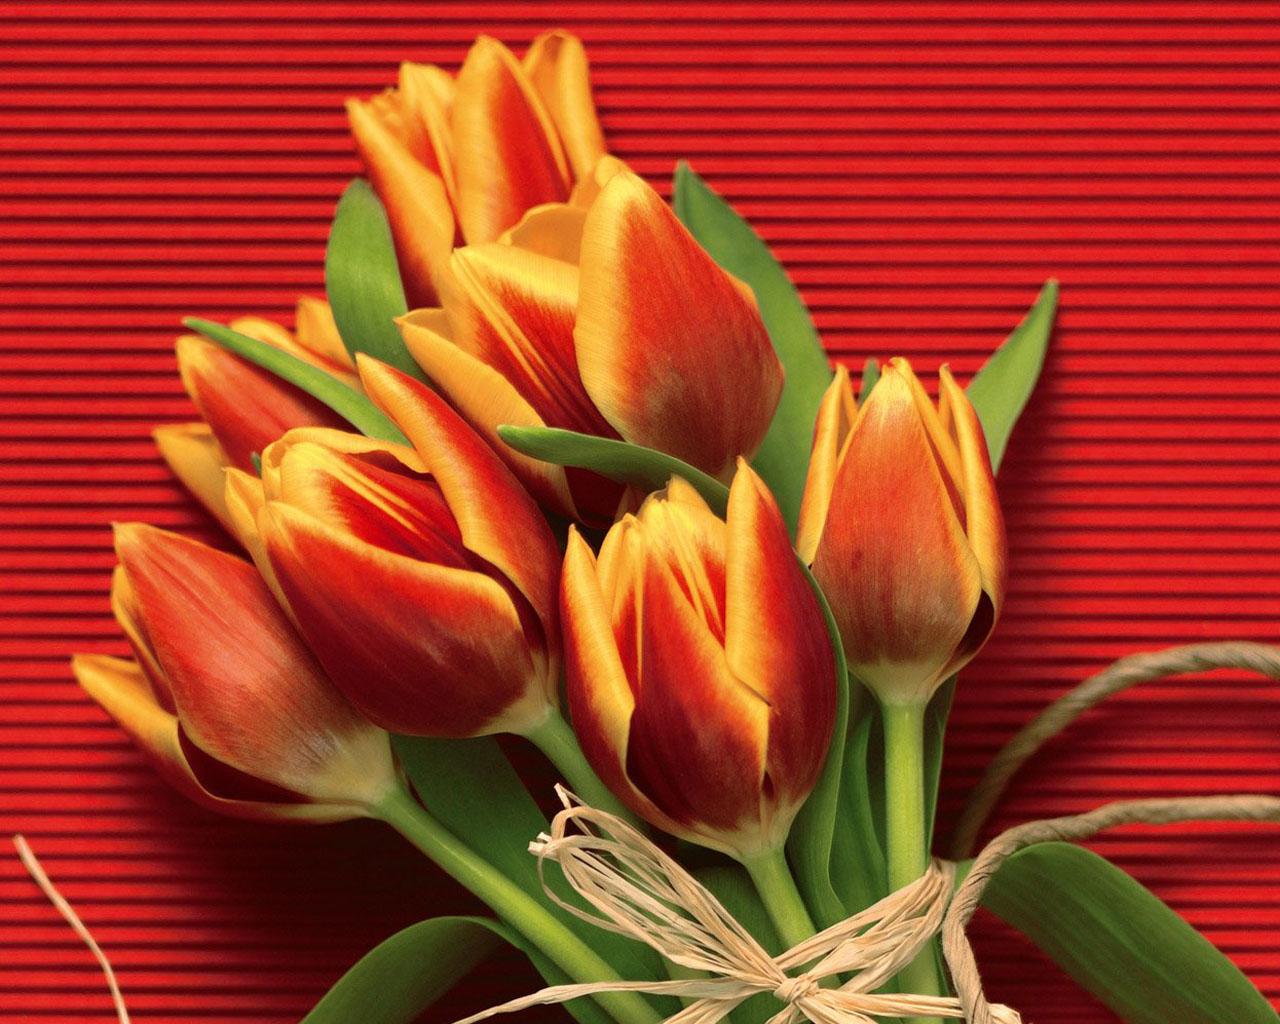 Картинки с днем тюльпанов